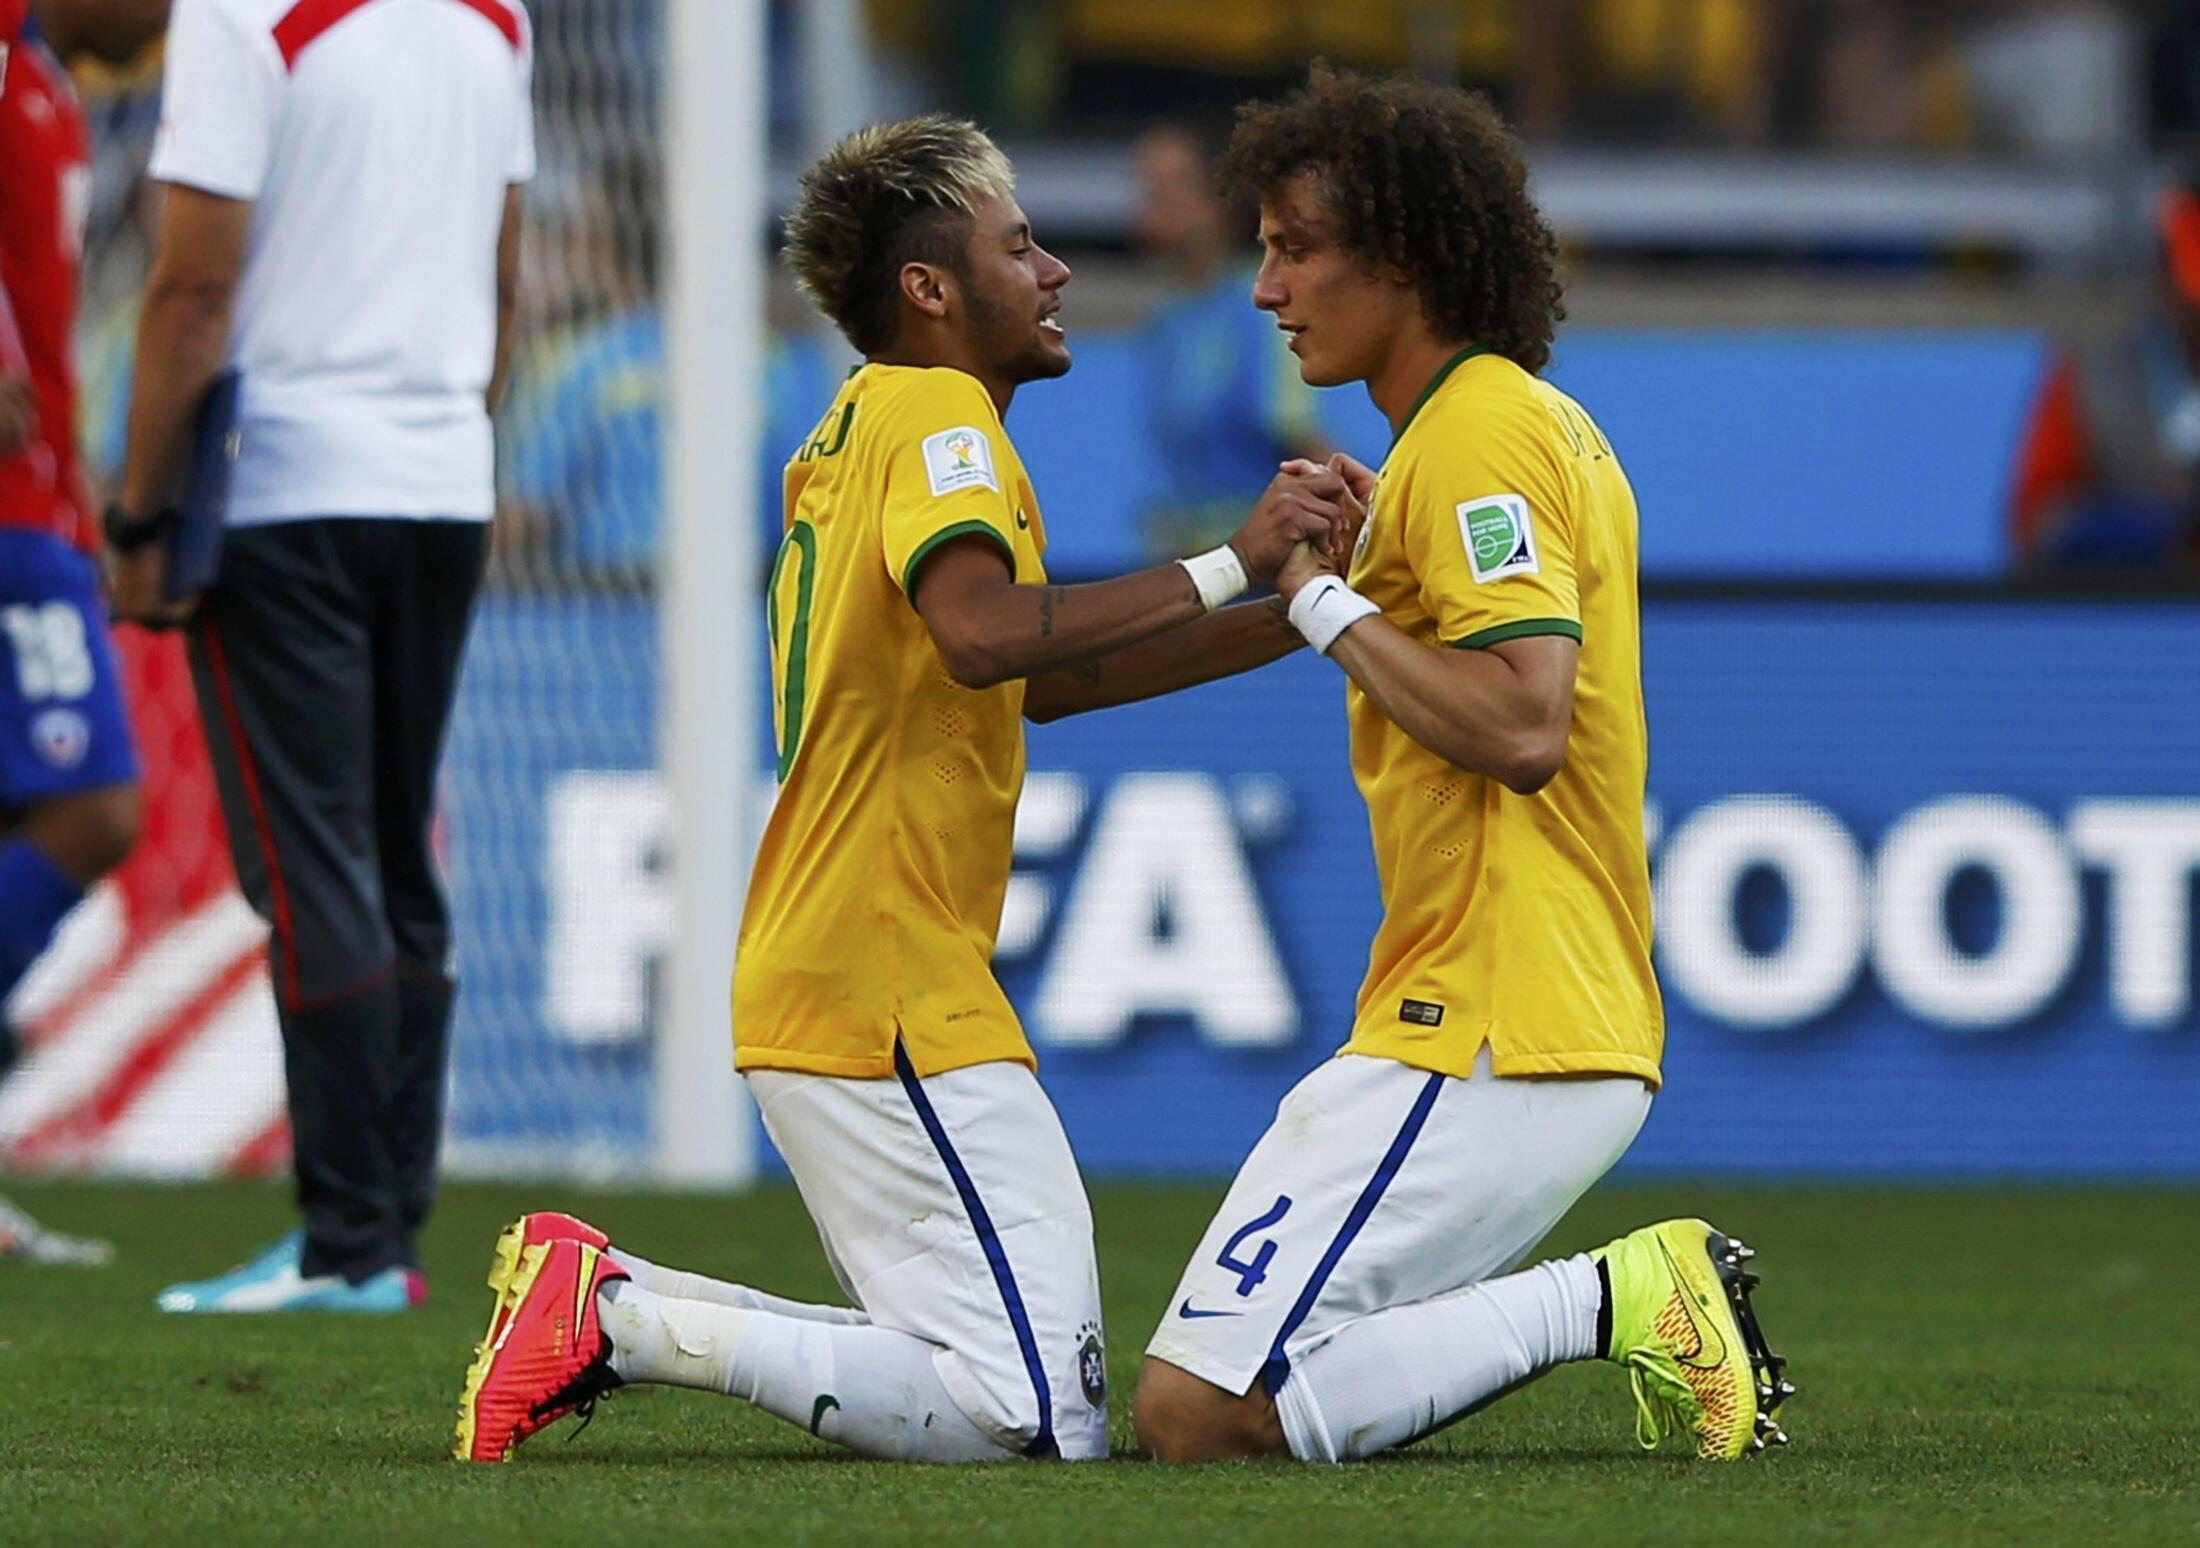 Os brasileitros David Luiz e Neymar após eliminação do Chile do Mundial 2014.